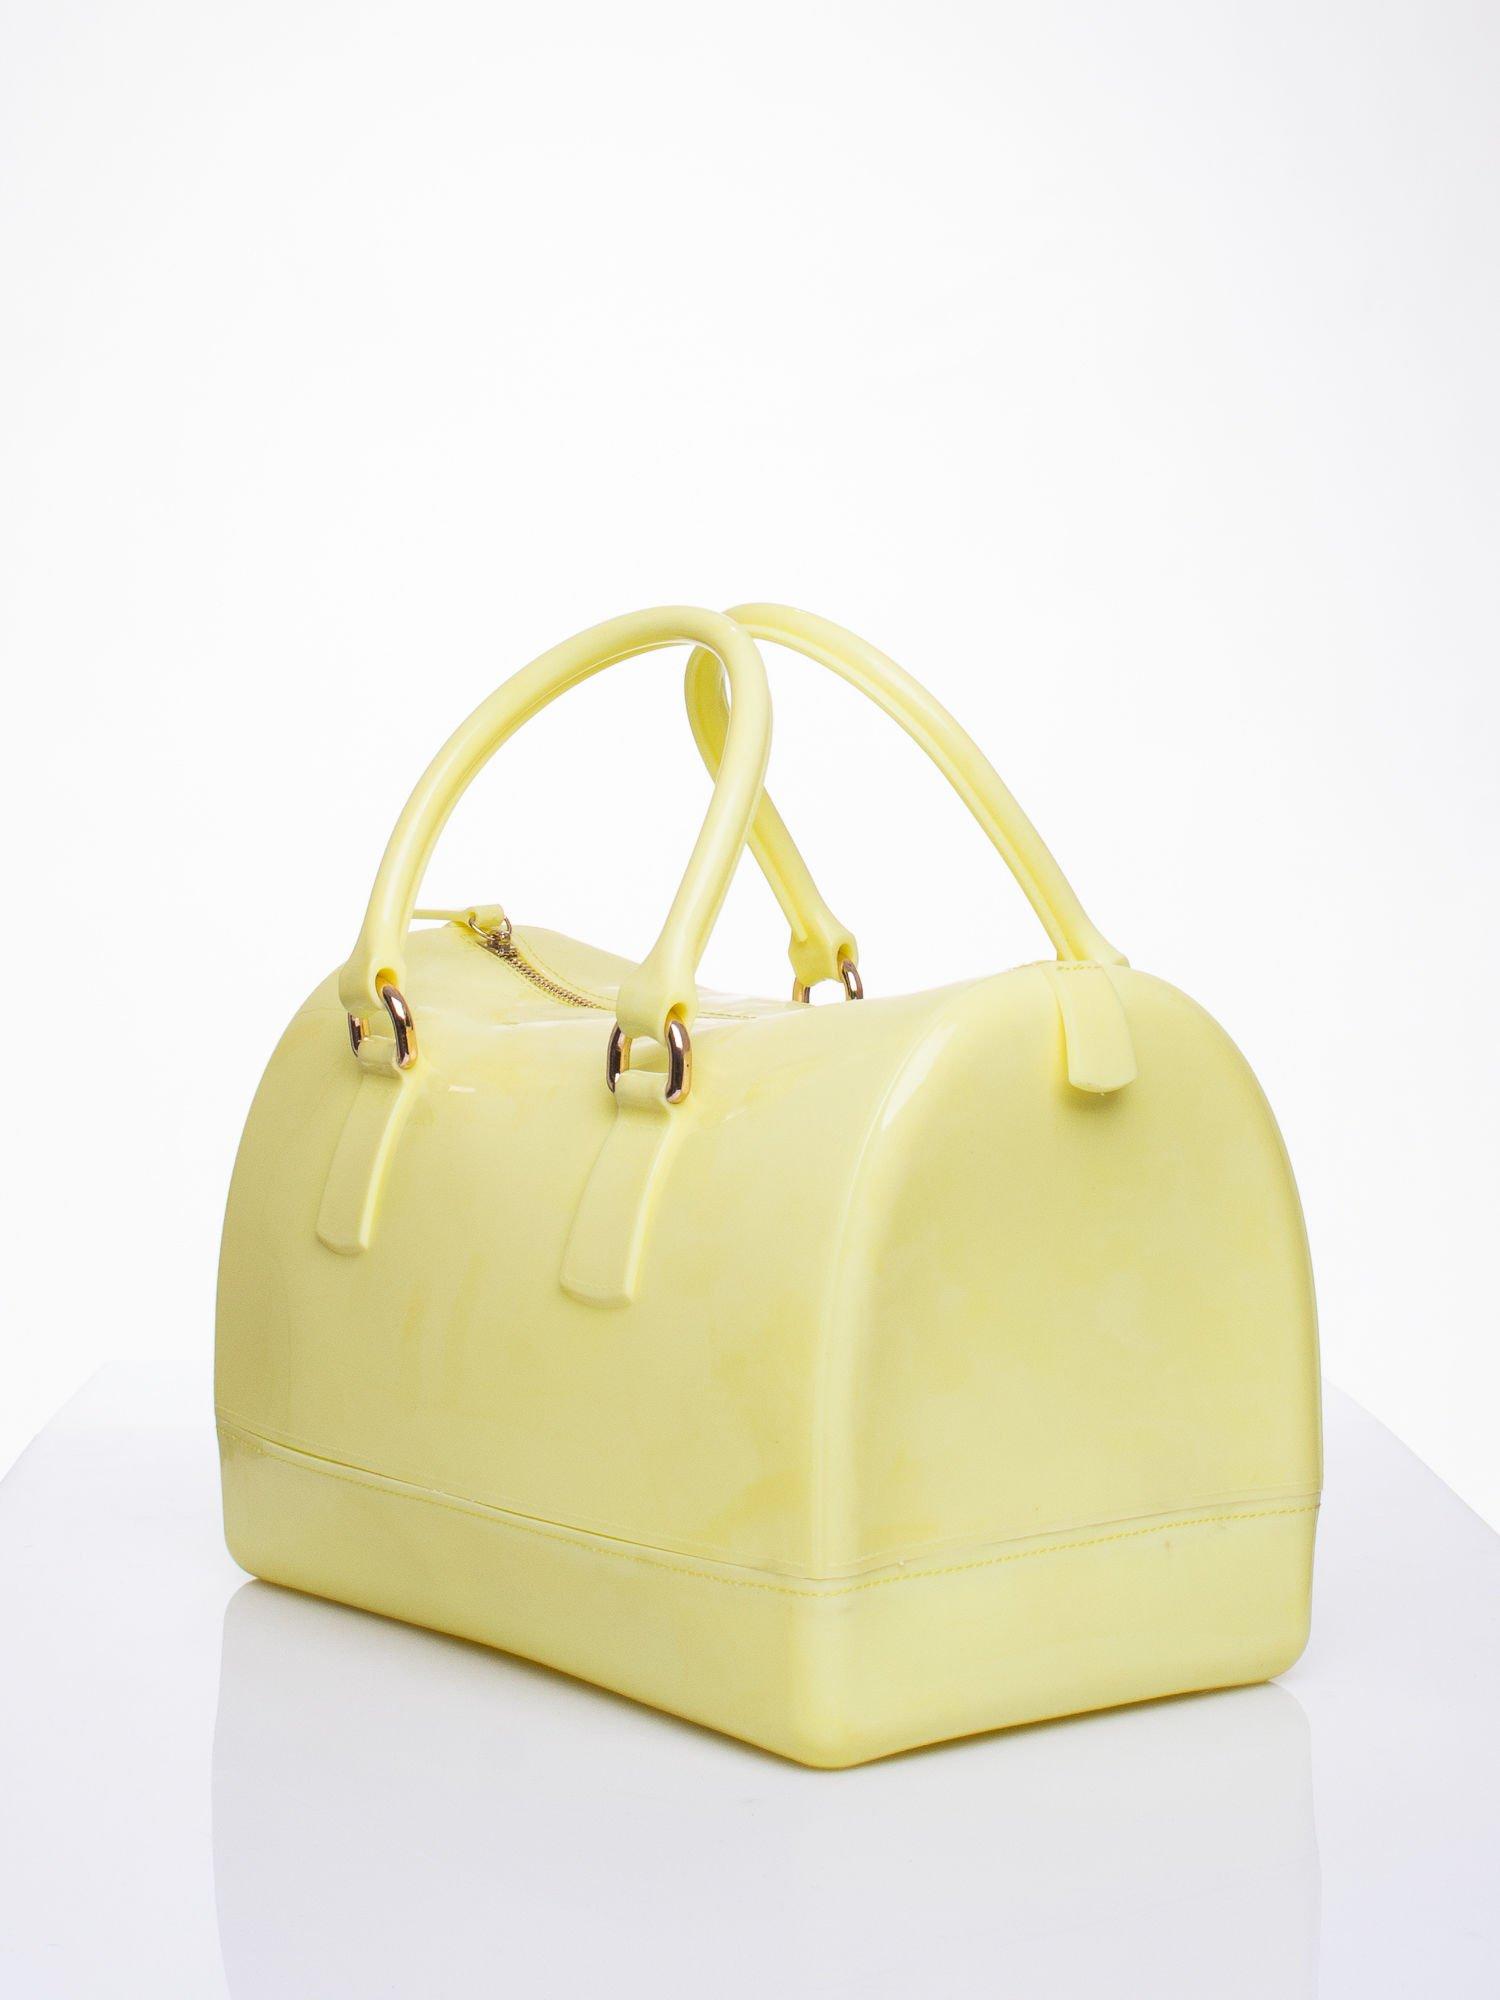 Żółta lakierowana torba kuferek bowling                                  zdj.                                  2